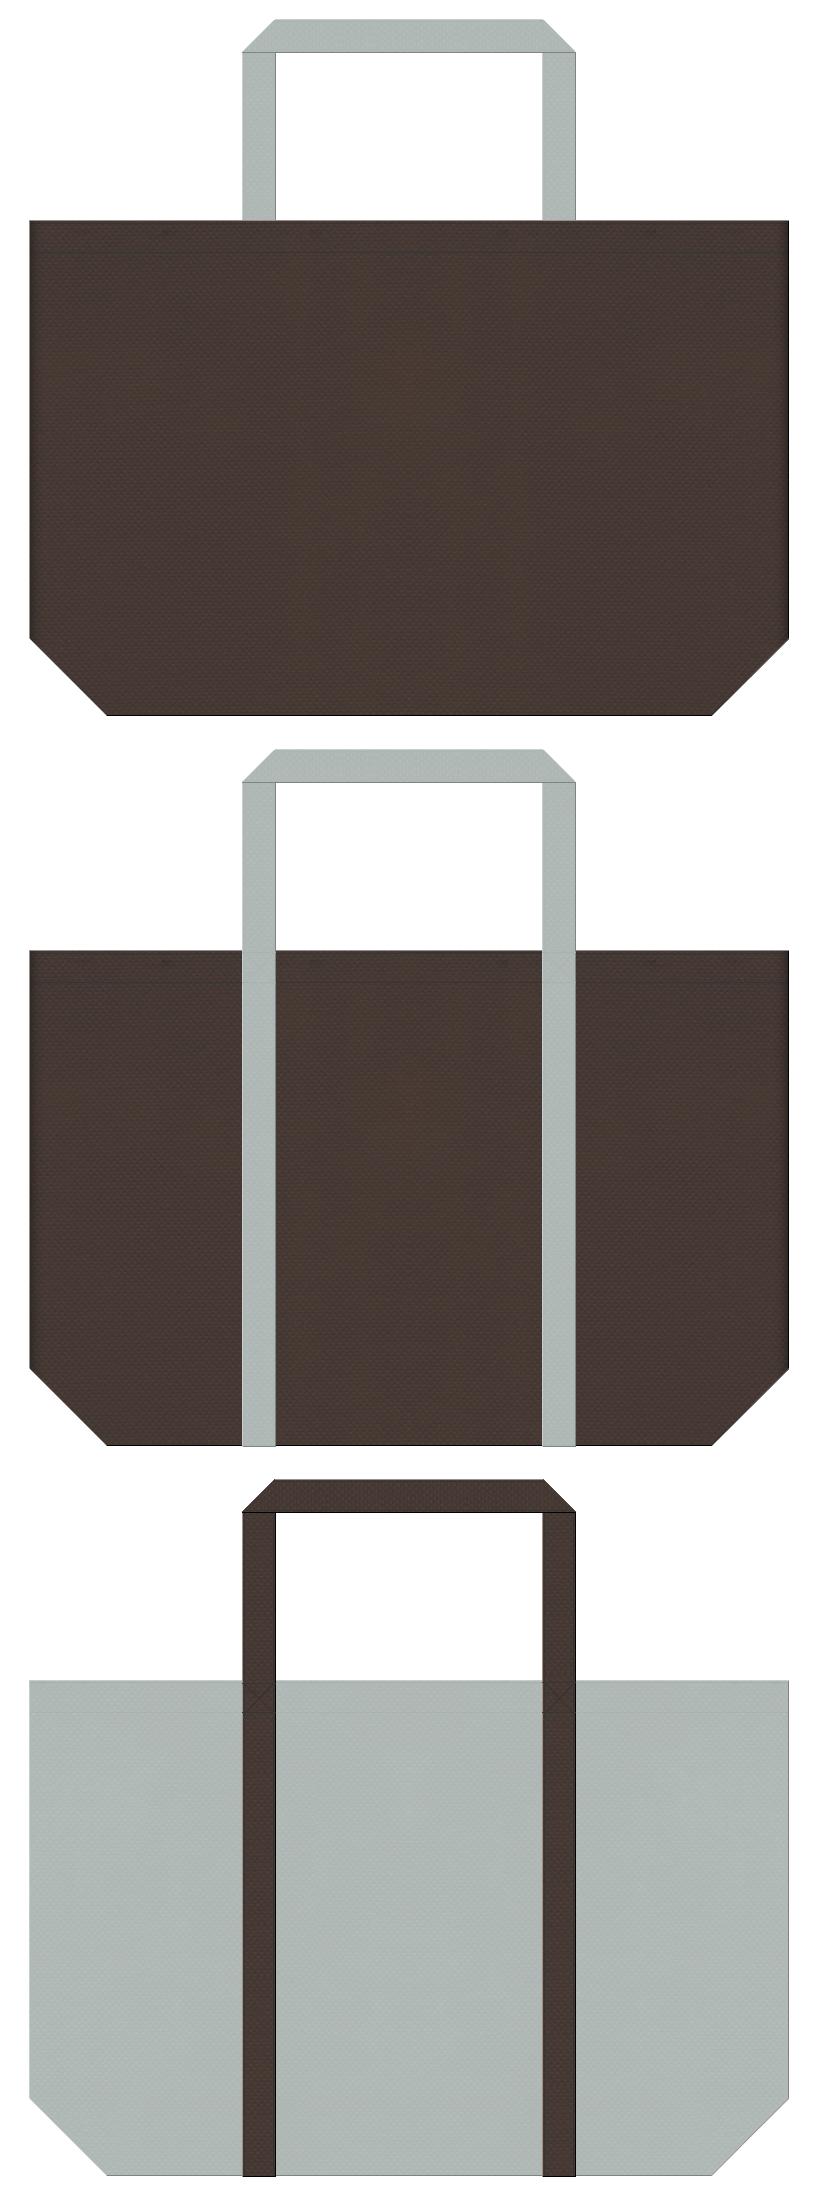 こげ茶色とグレー色の不織布バッグデザイン。事務用品・什器・店舗インテリア・オフィスビル・マンションにお奨めの配色です。